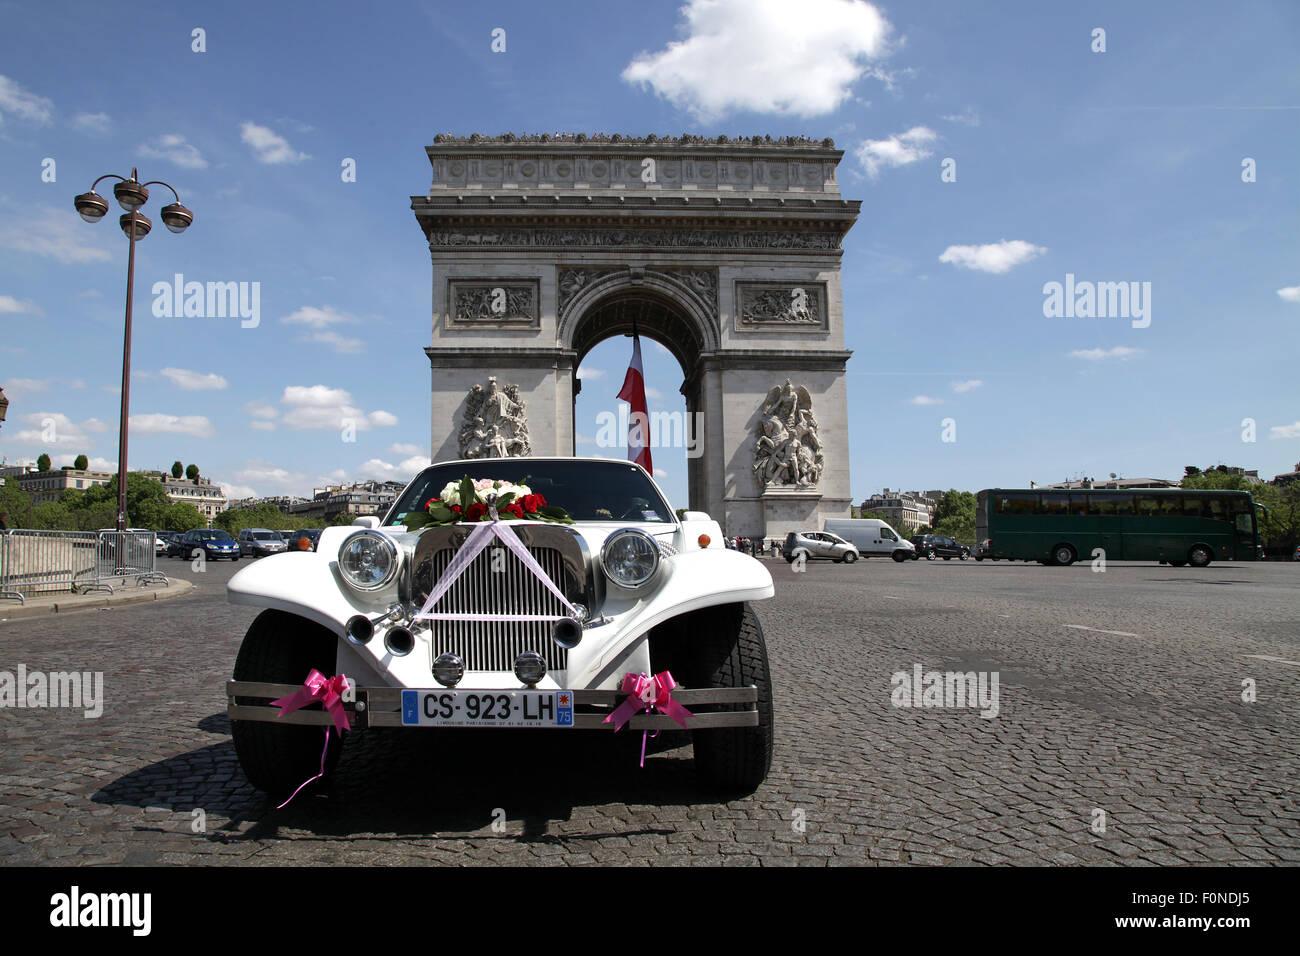 Excalibur Automobil am Triumphbogen Arc de Triomphe in Paris Frankreich Stockbild